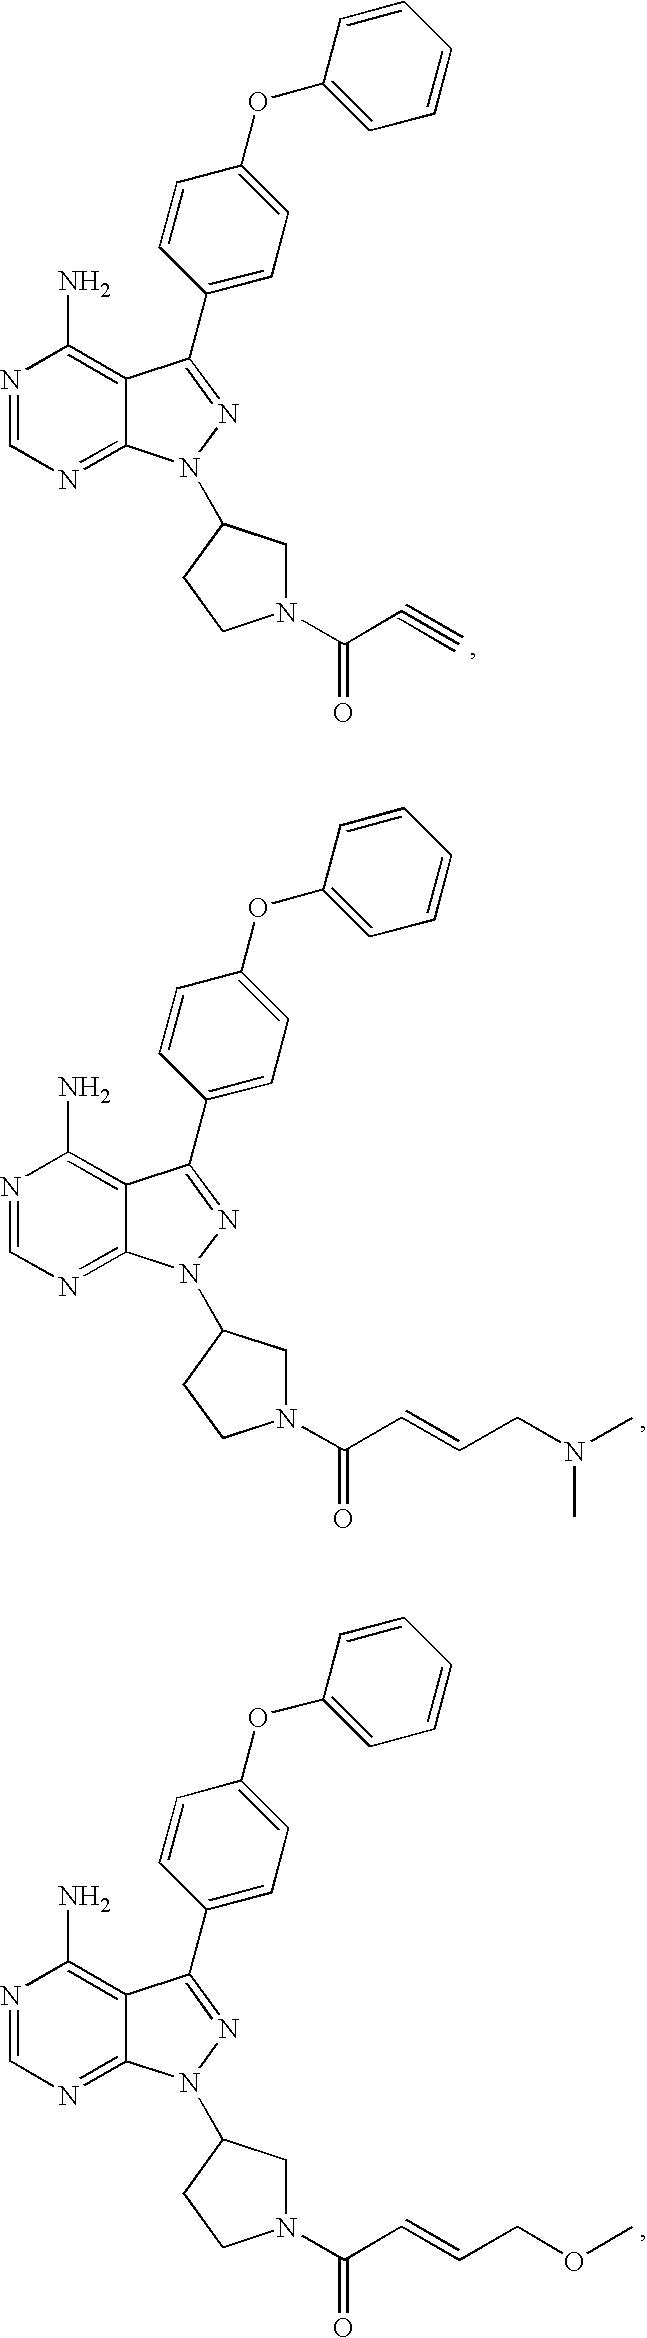 Figure US07514444-20090407-C00061